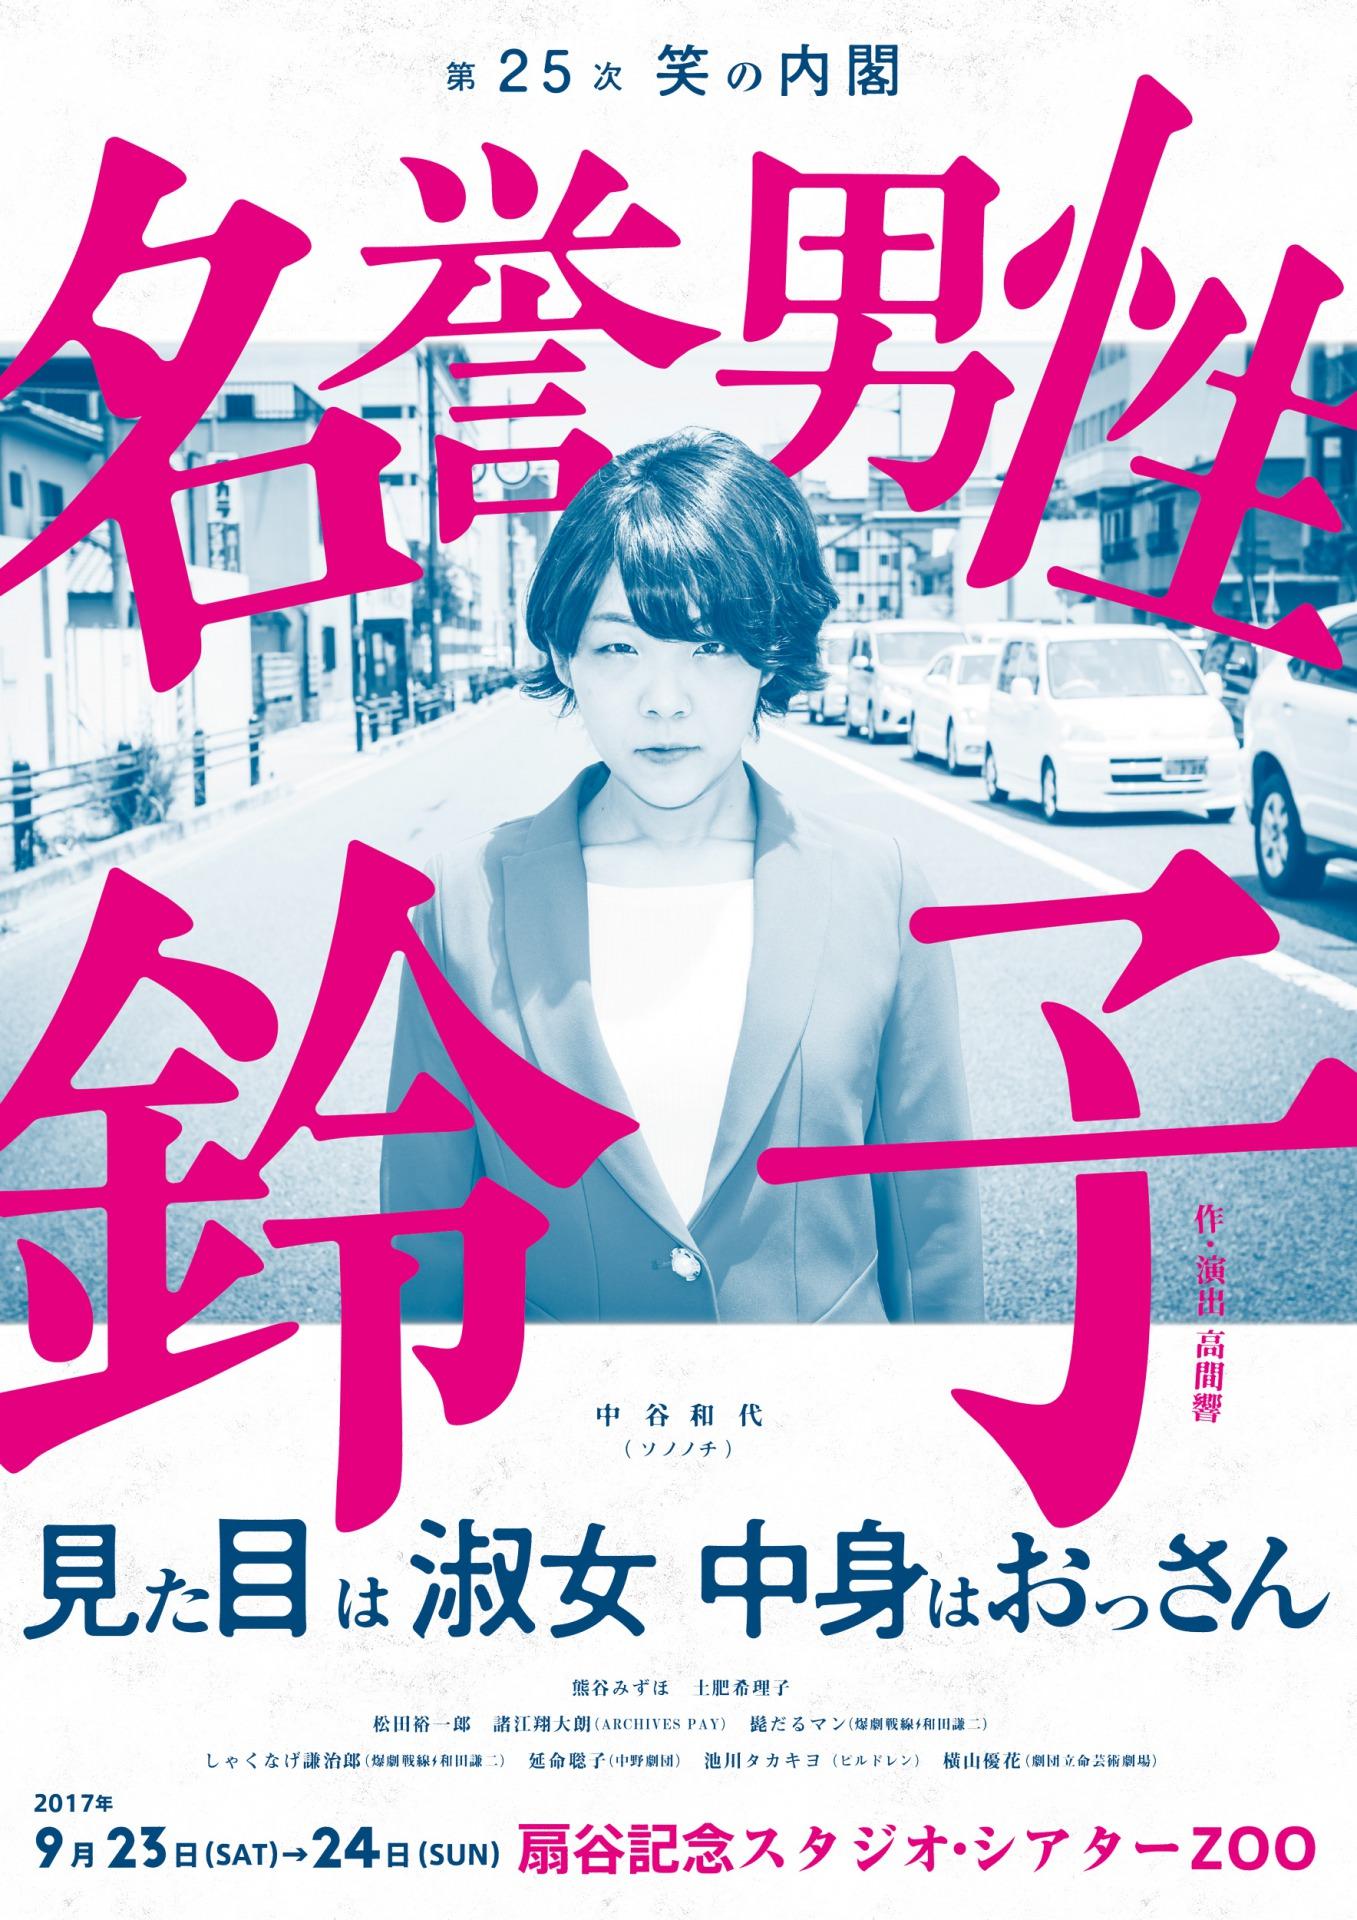 【9月23日14:00】第25次笑の内閣『名誉男性鈴子』(札幌公演)